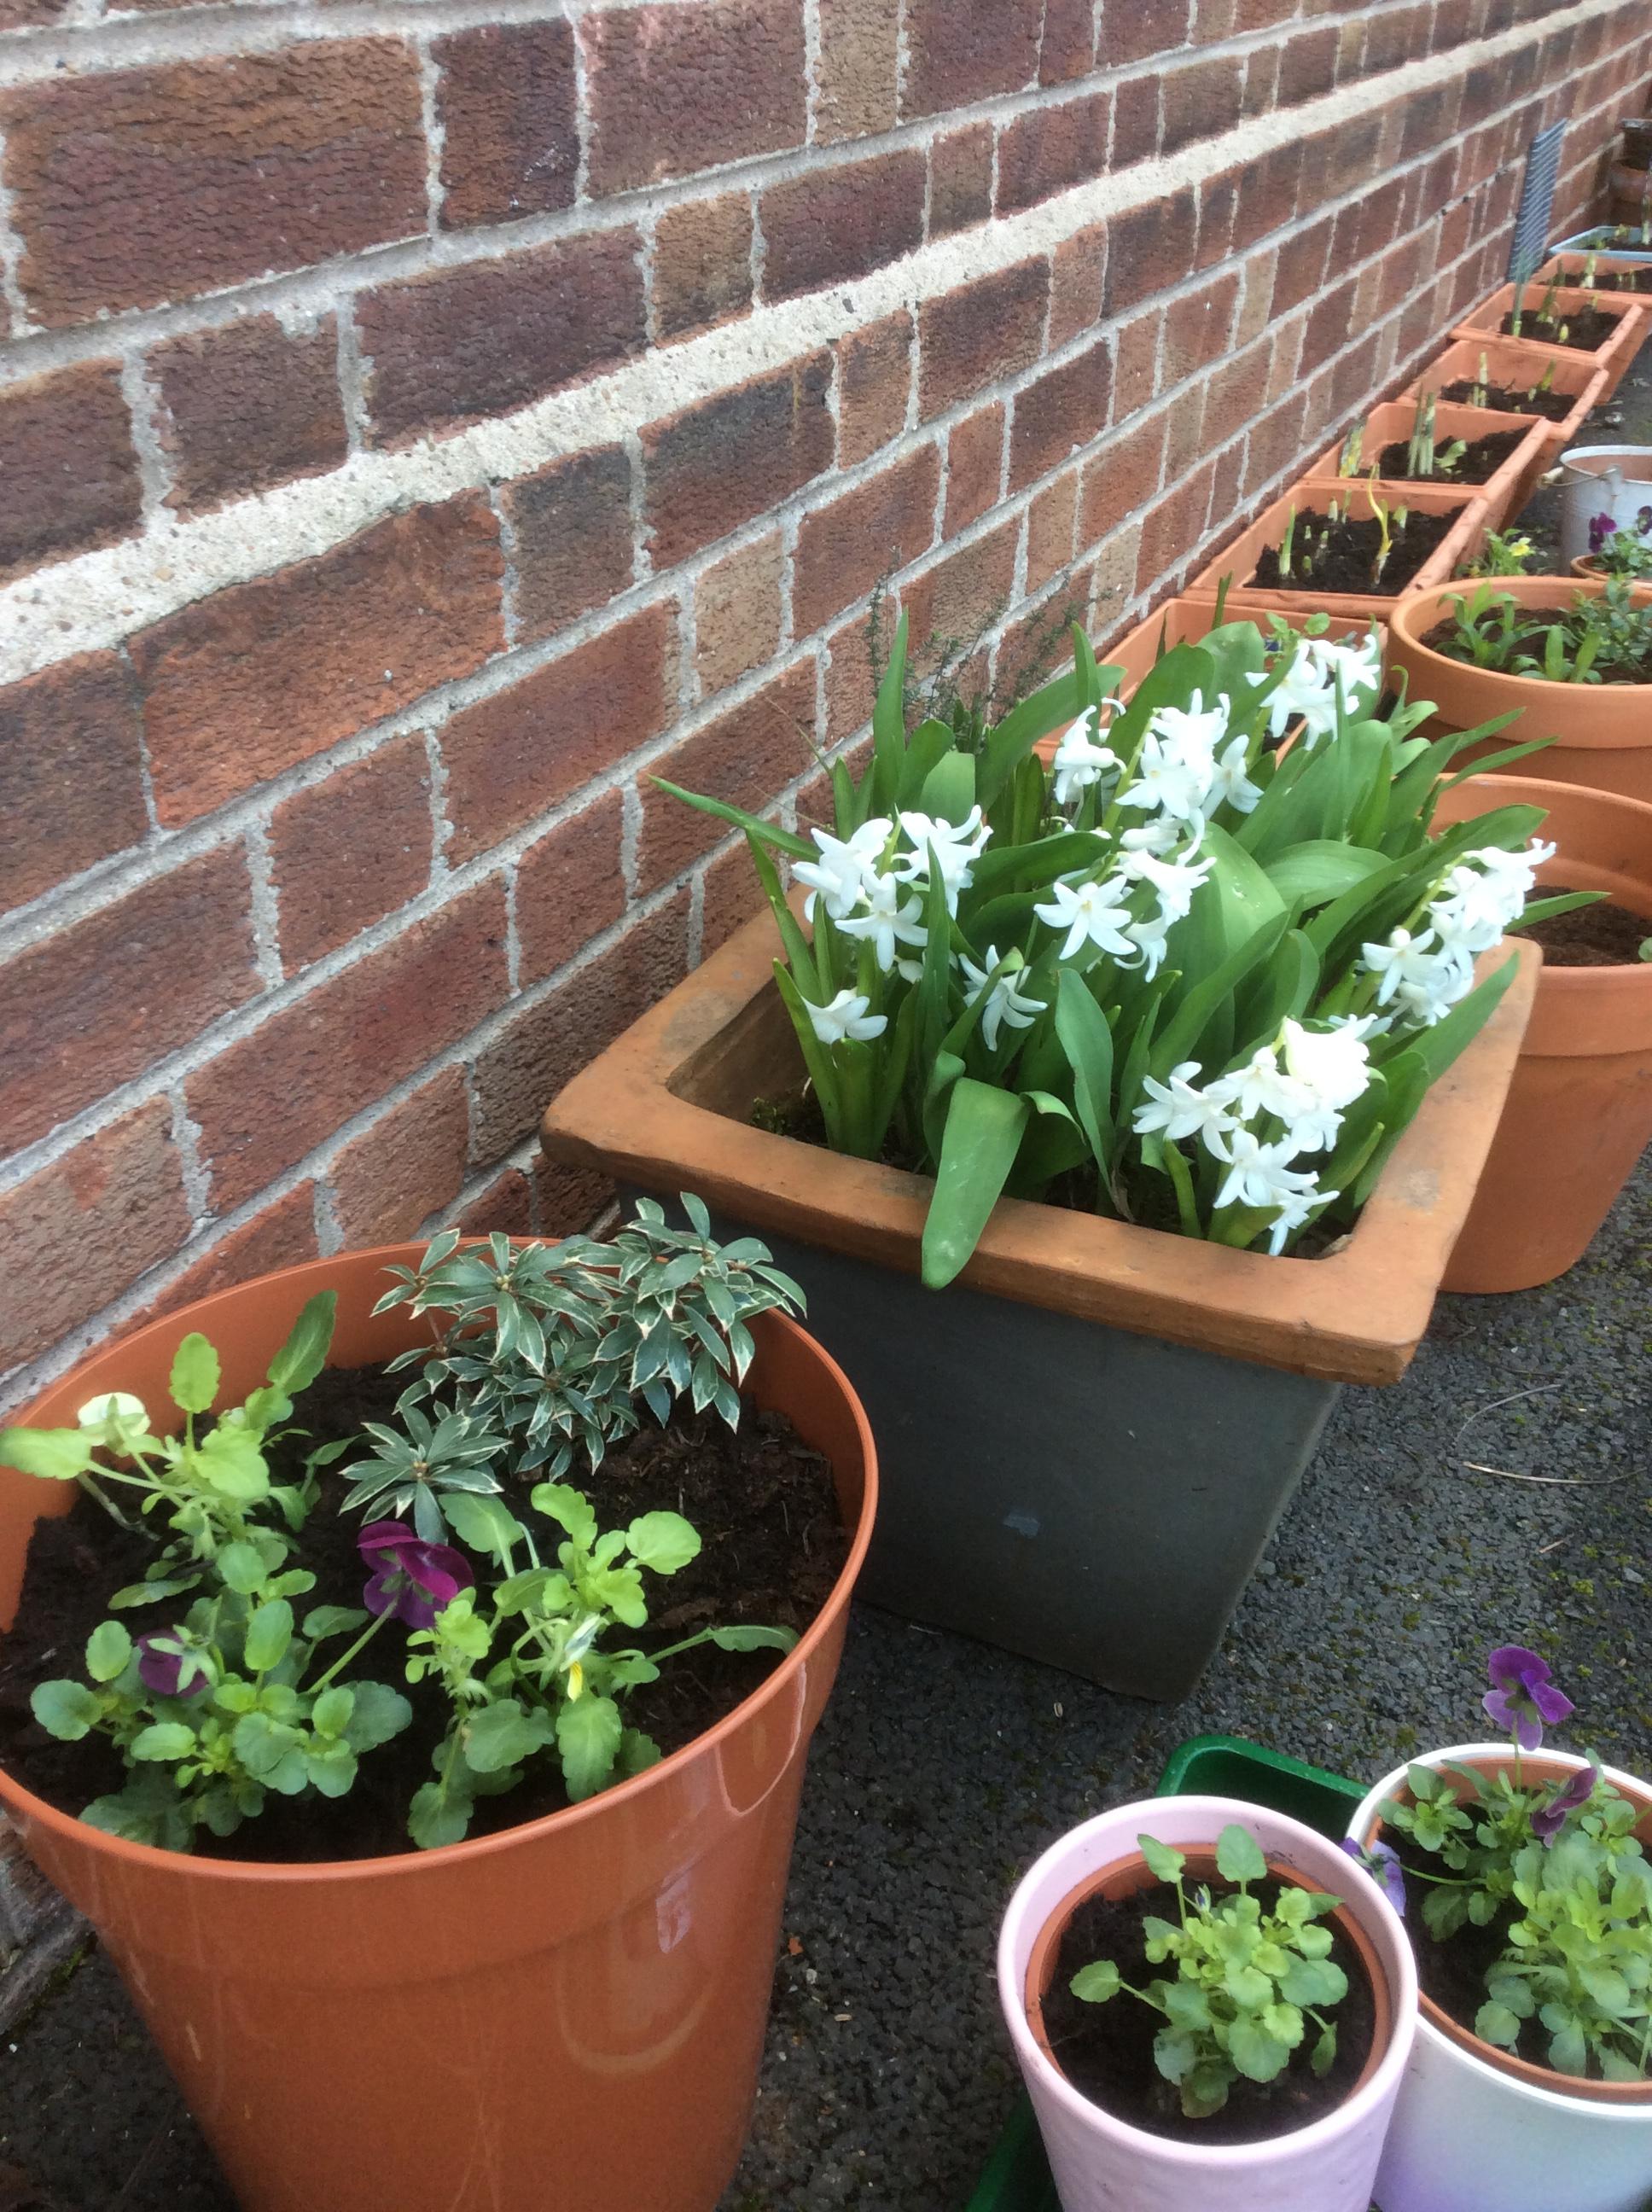 Horticulture4